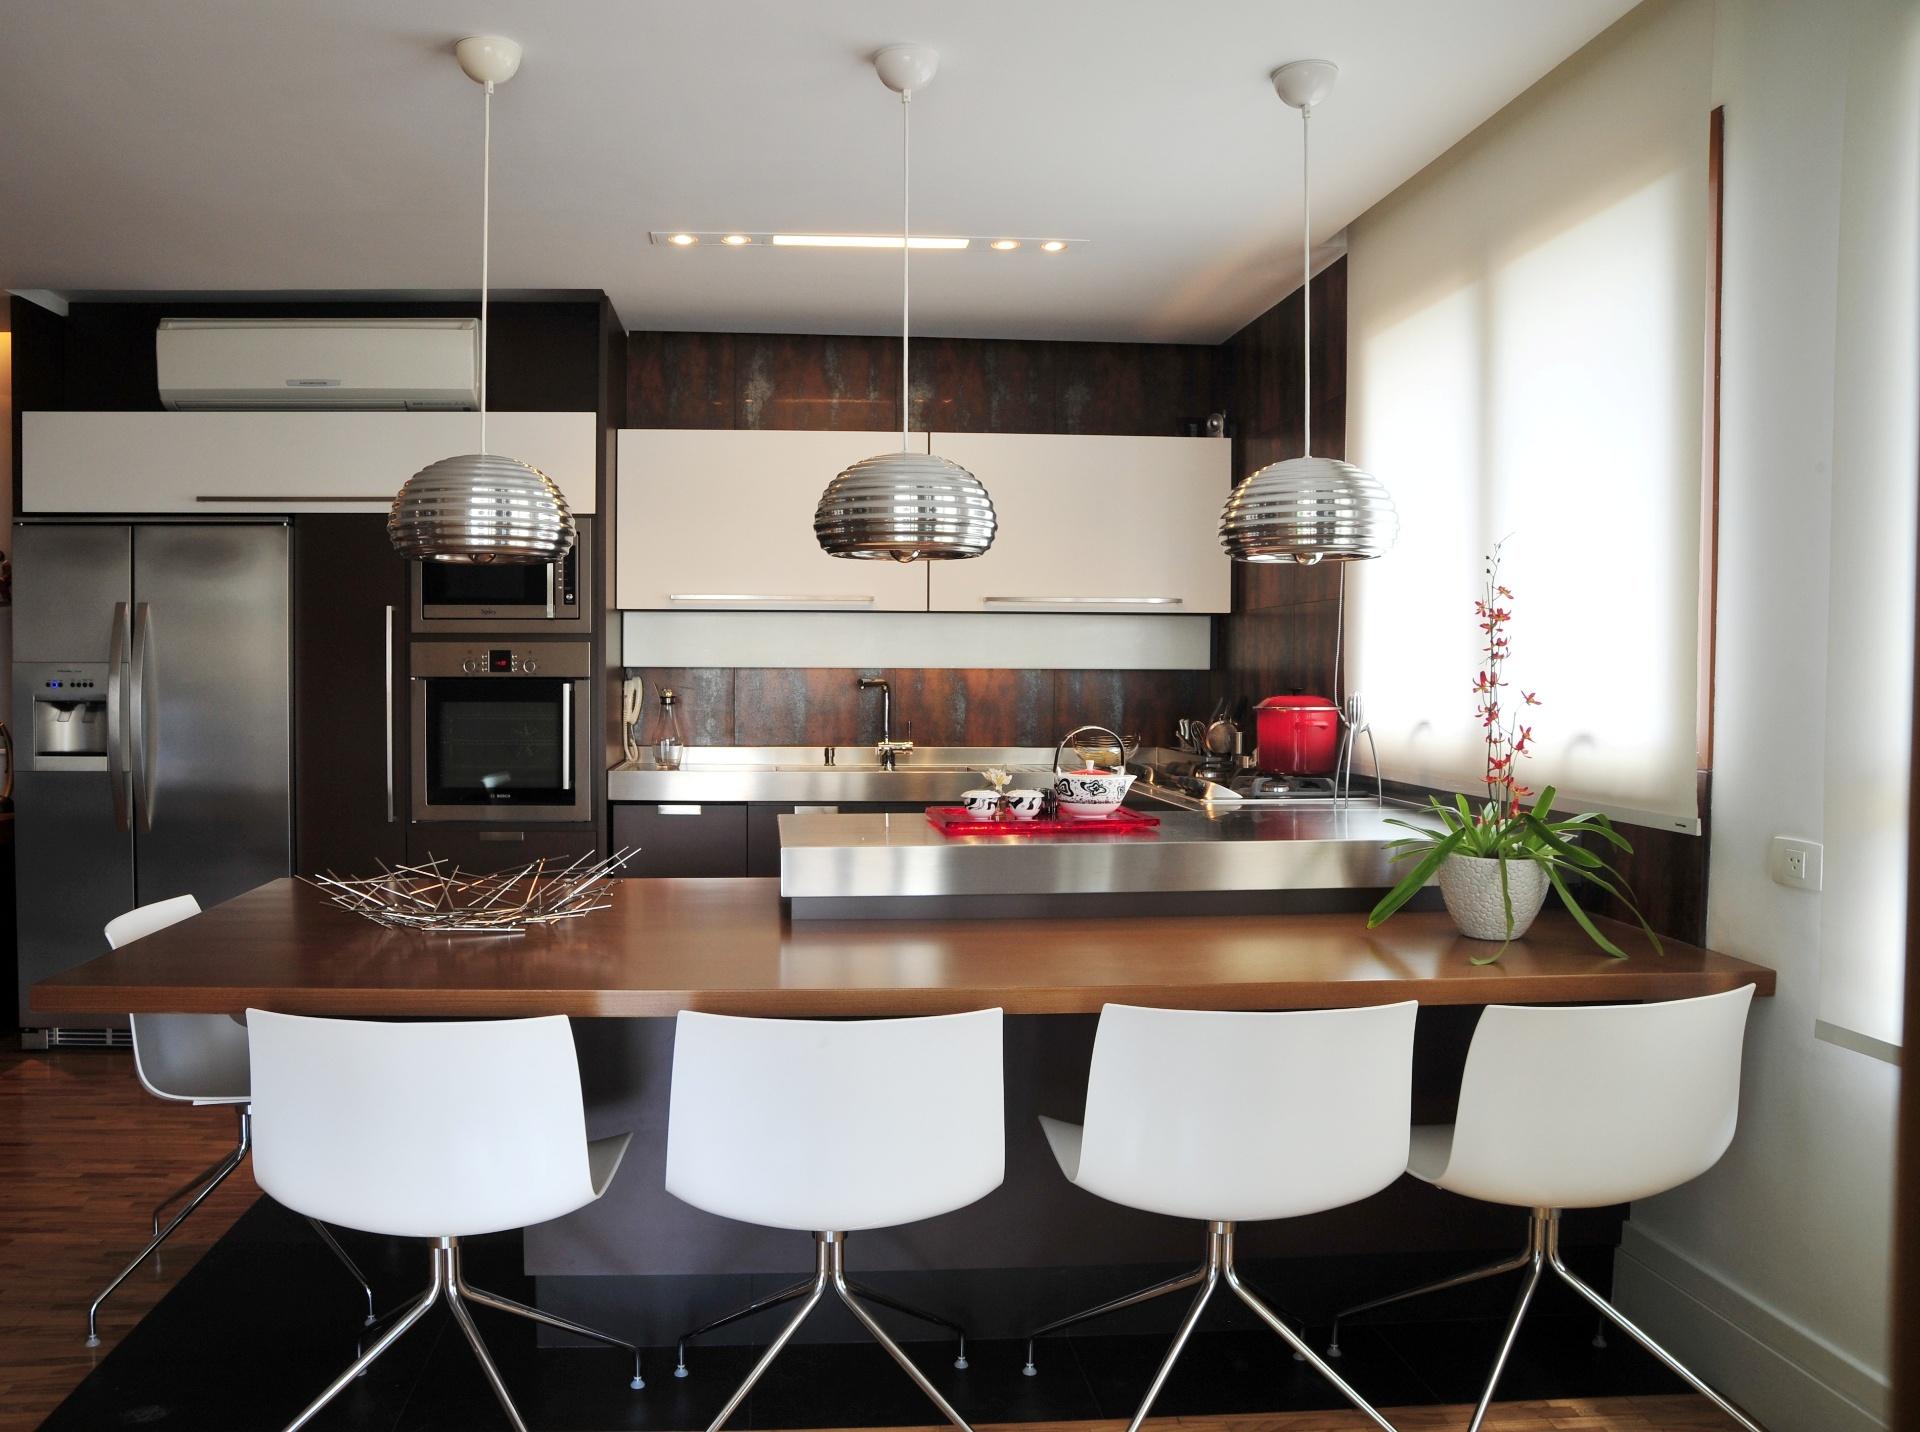 mesa para varanda de apartamento cozinha ilha e cooktop cozinha Quotes #AE1D2D 1920x1432